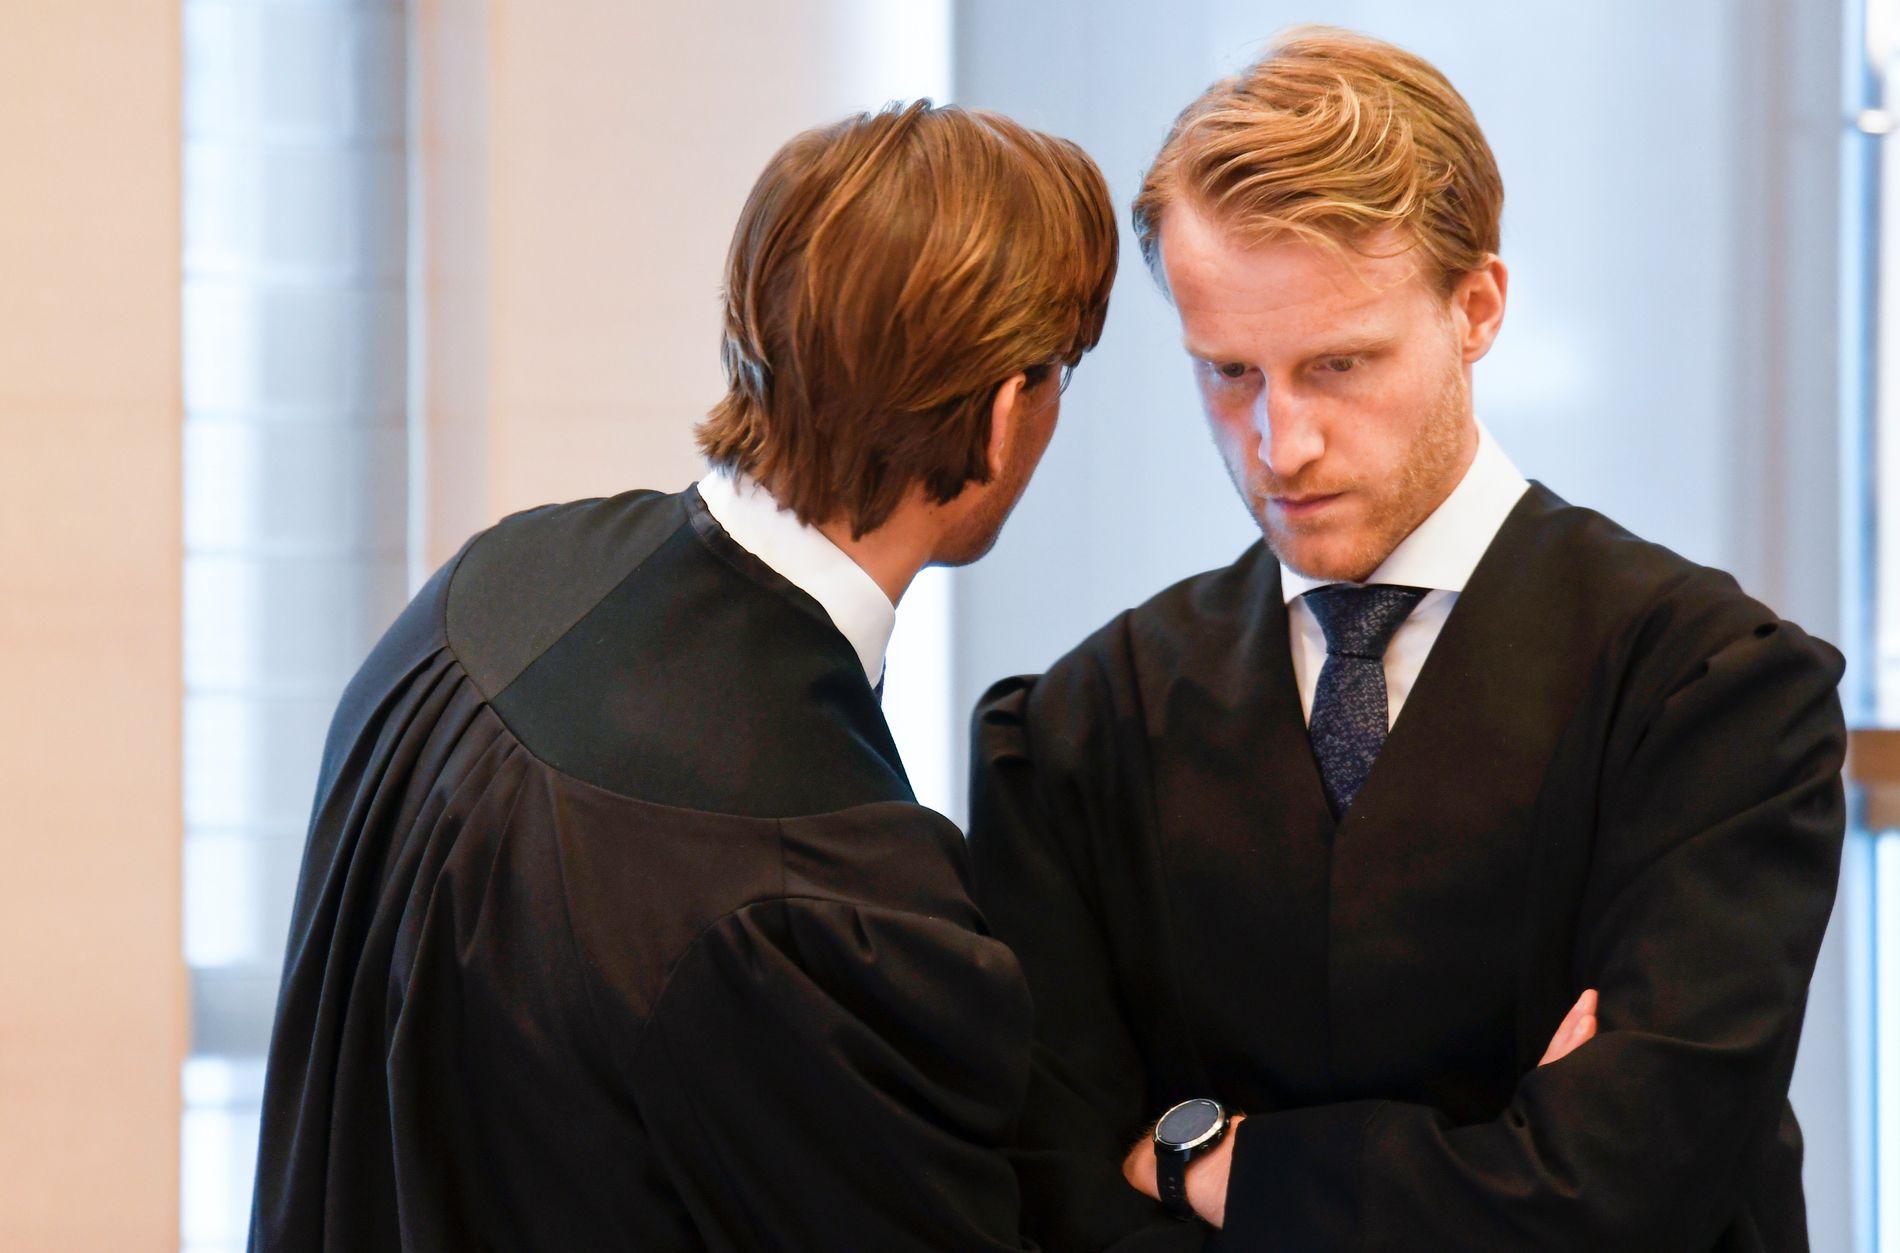 FORSVARER: Advokat Daniel Storrvik forsvarer faren.